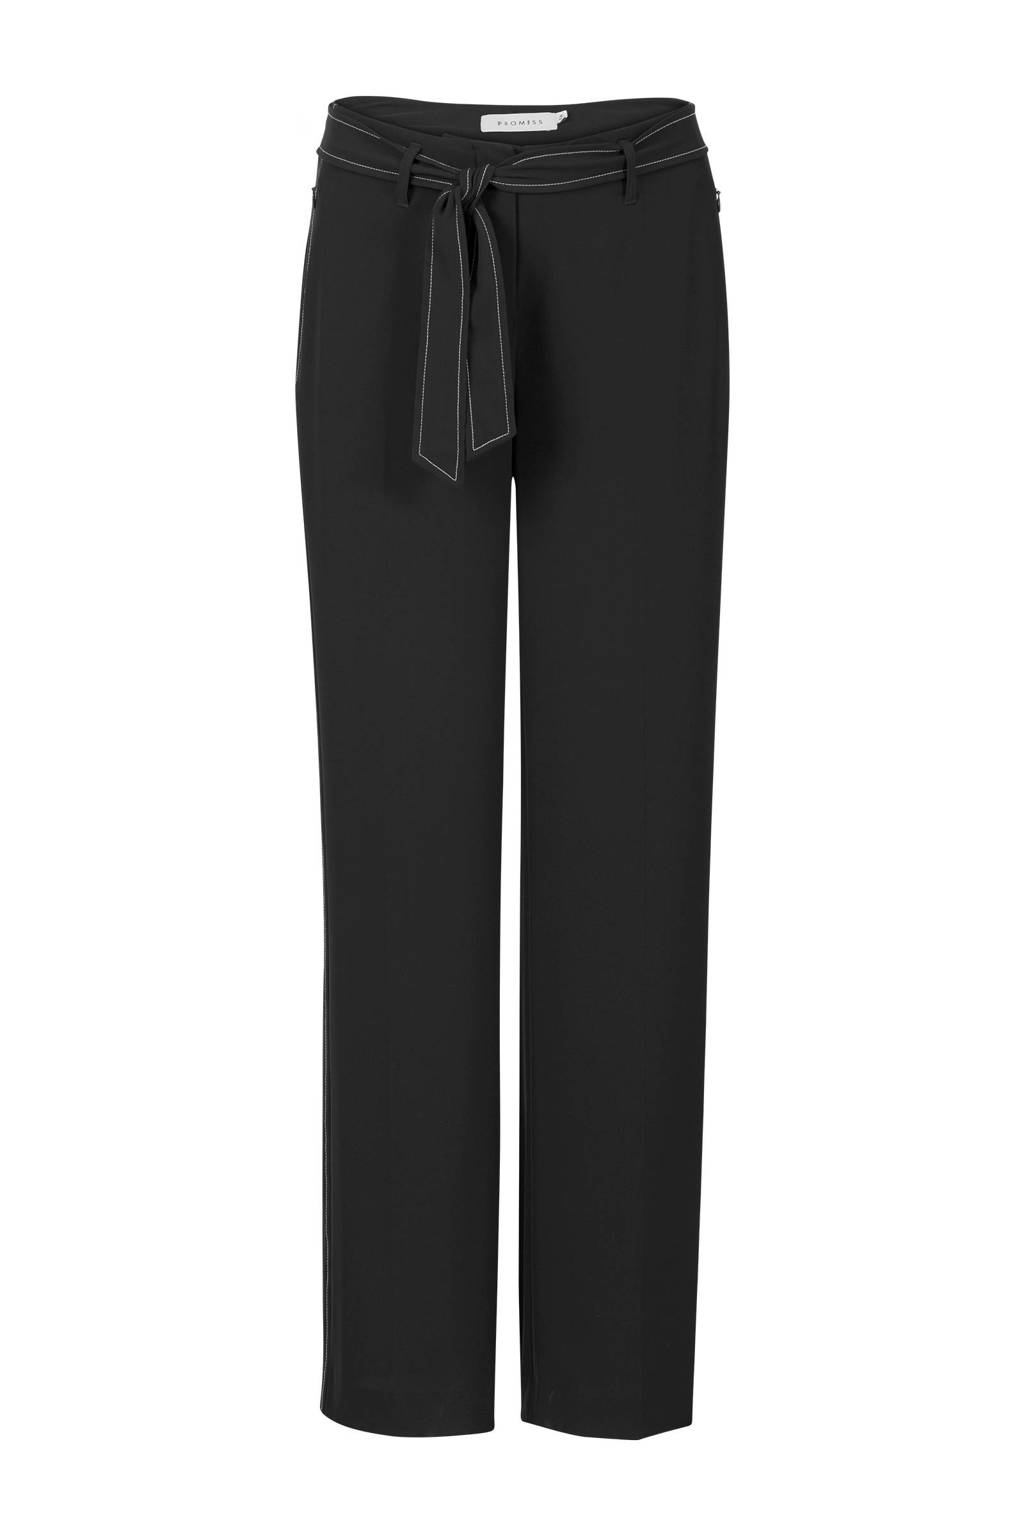 Promiss pantalon zwart, Zwart